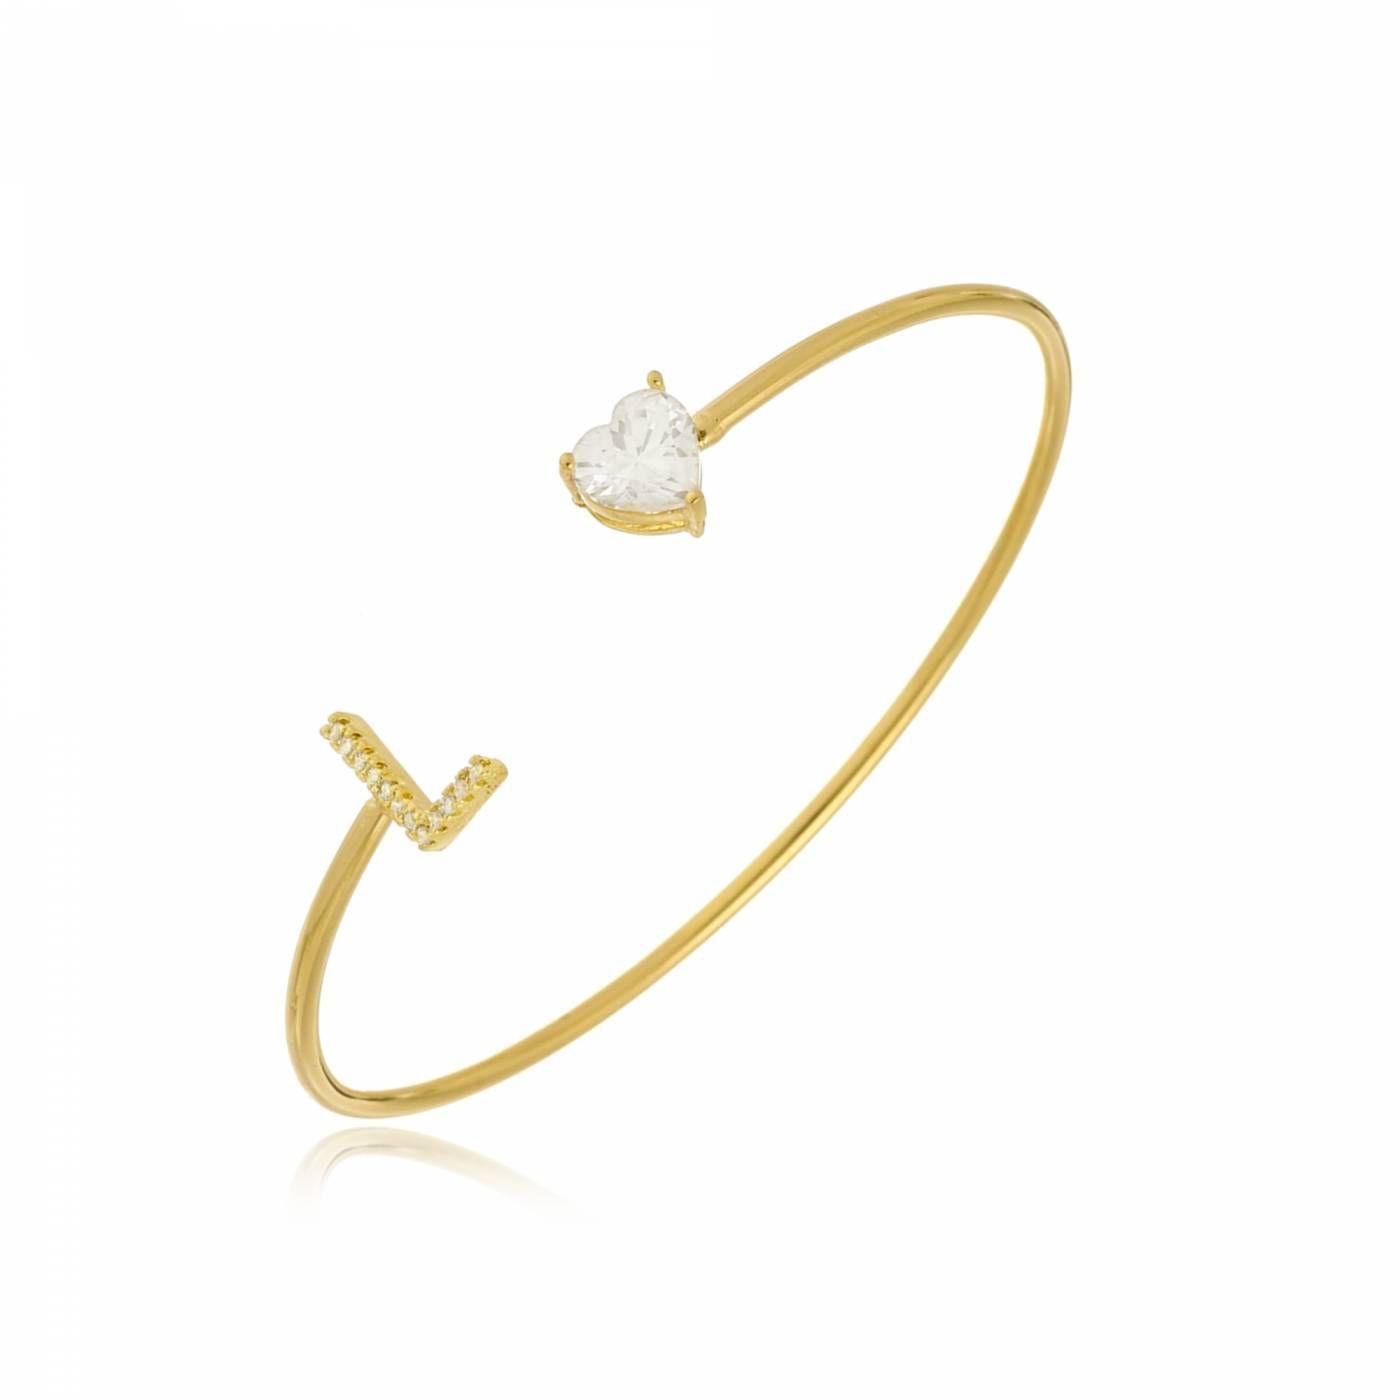 Bracelete com Inicial e Coração Branco Folheado a Ouro 18K